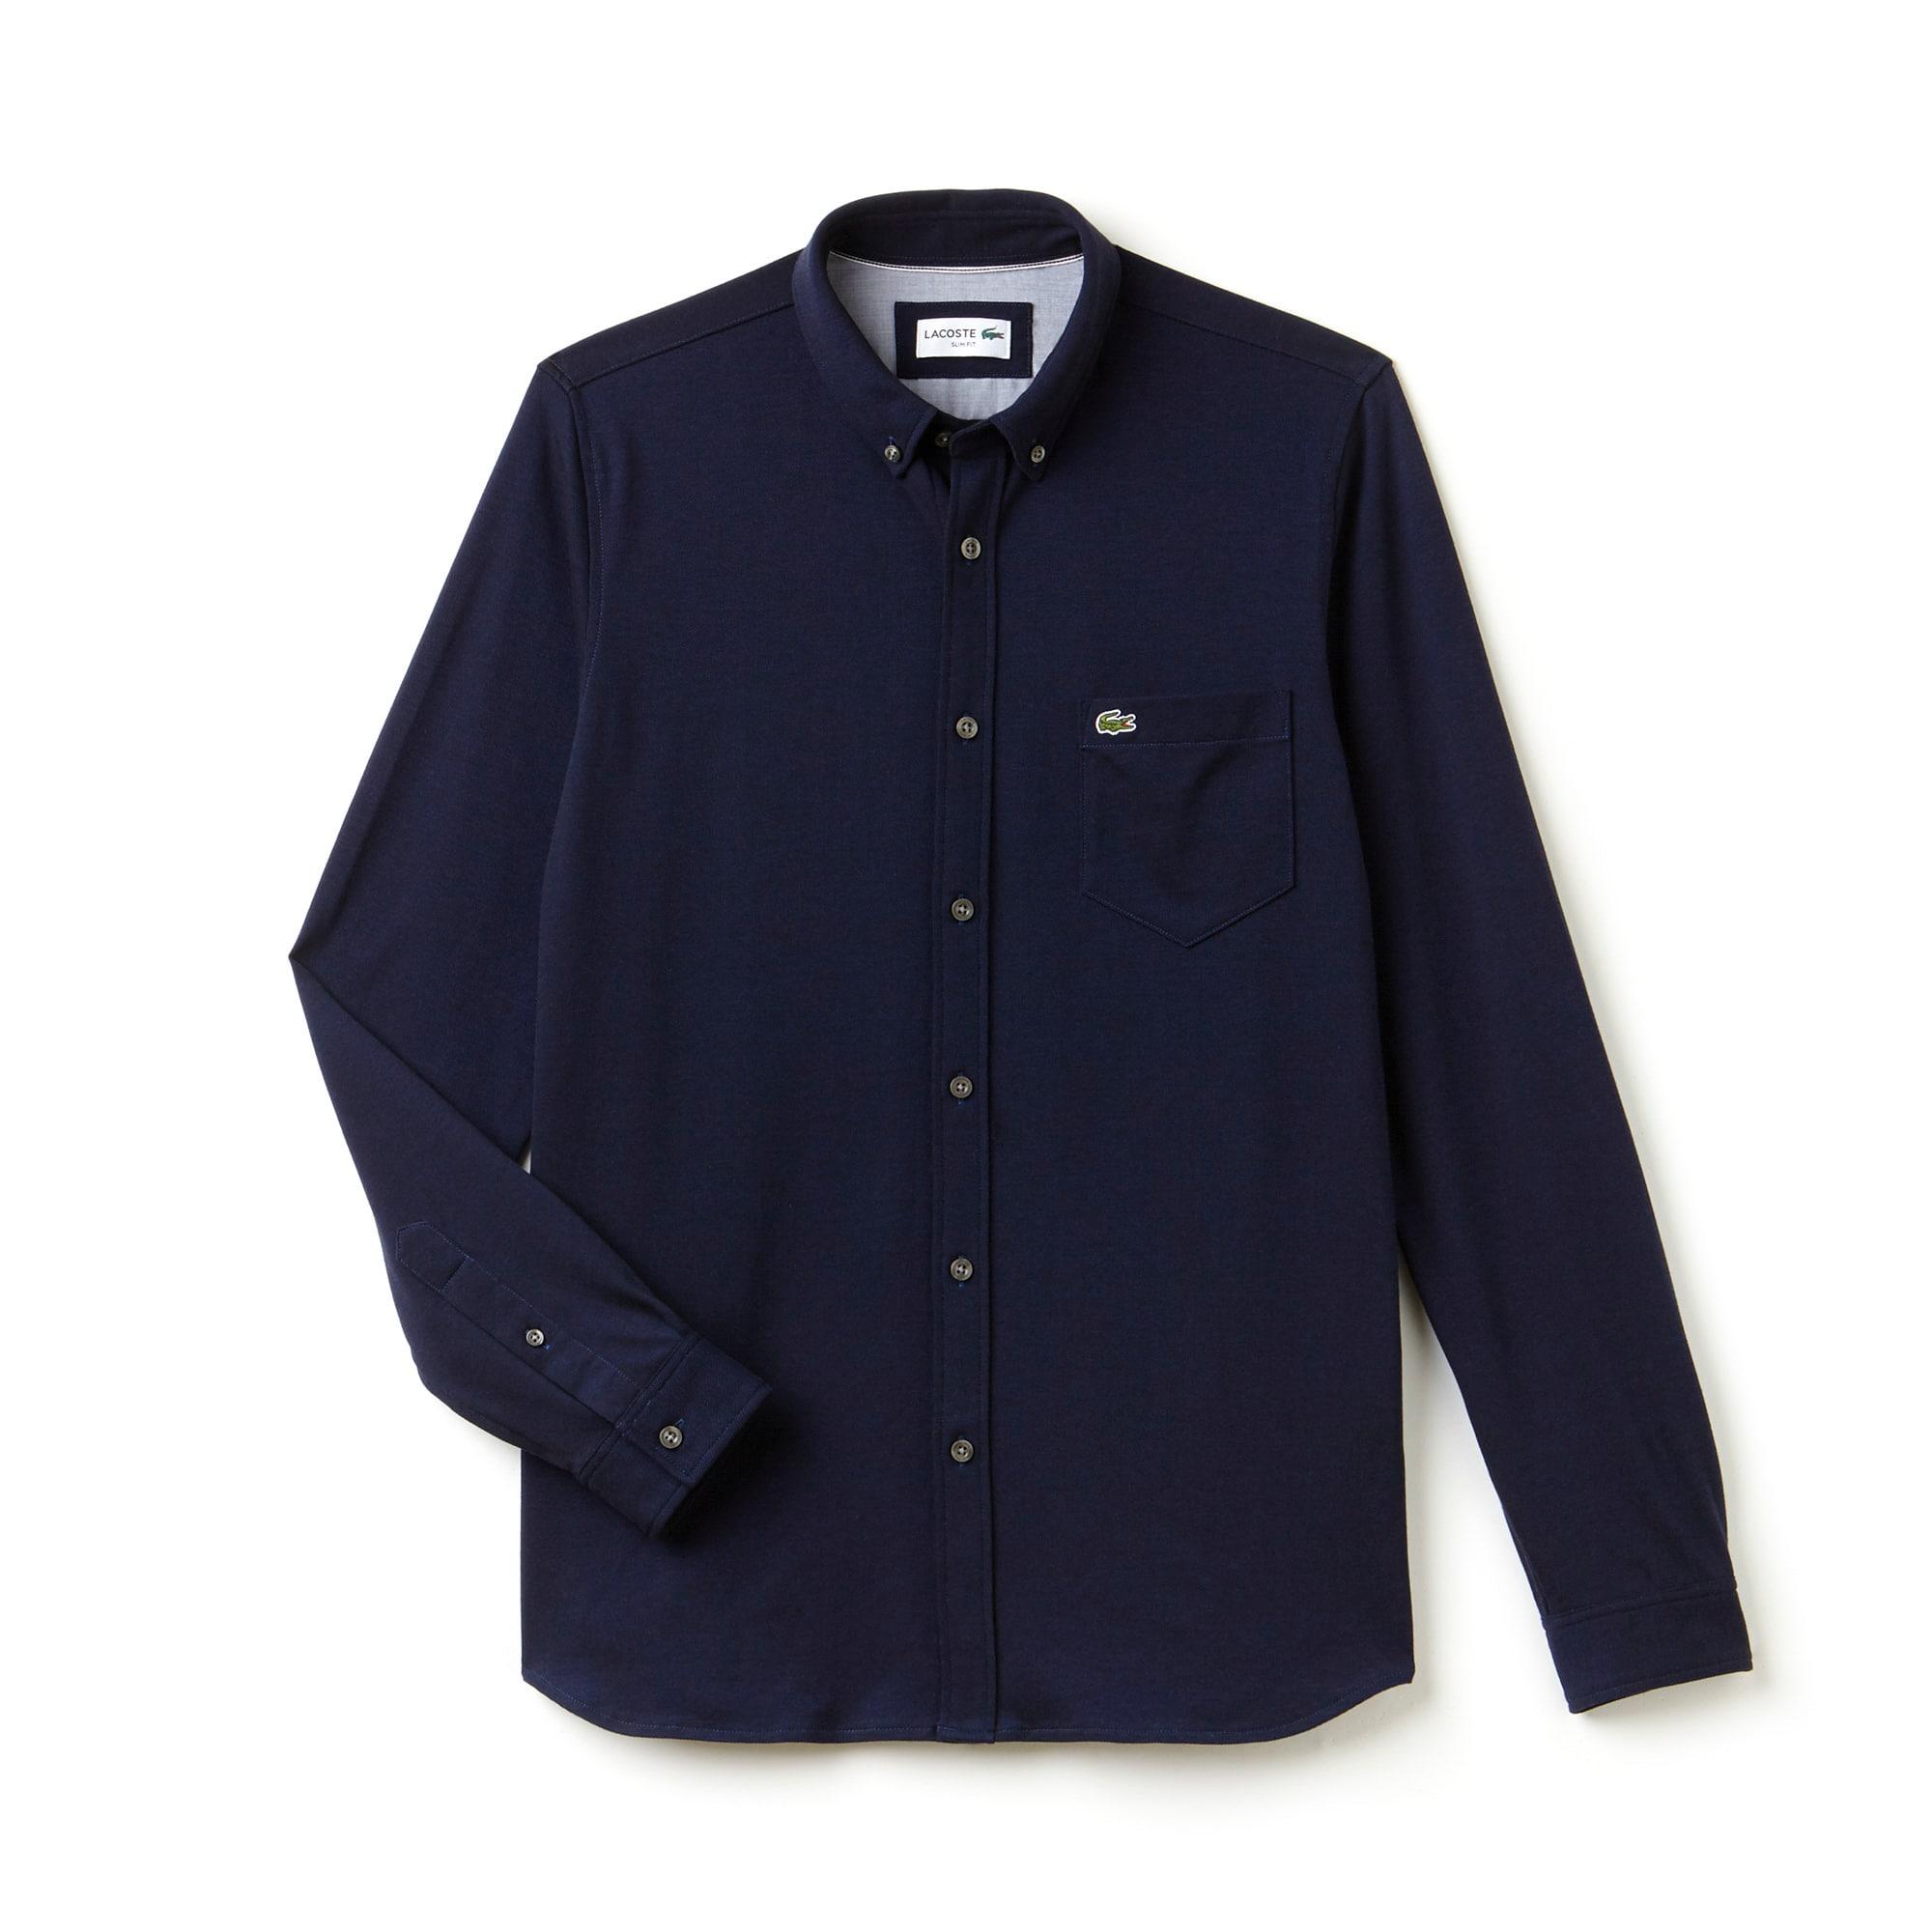 Camisa Slim Fit Masculina em Jérsei de Algodão